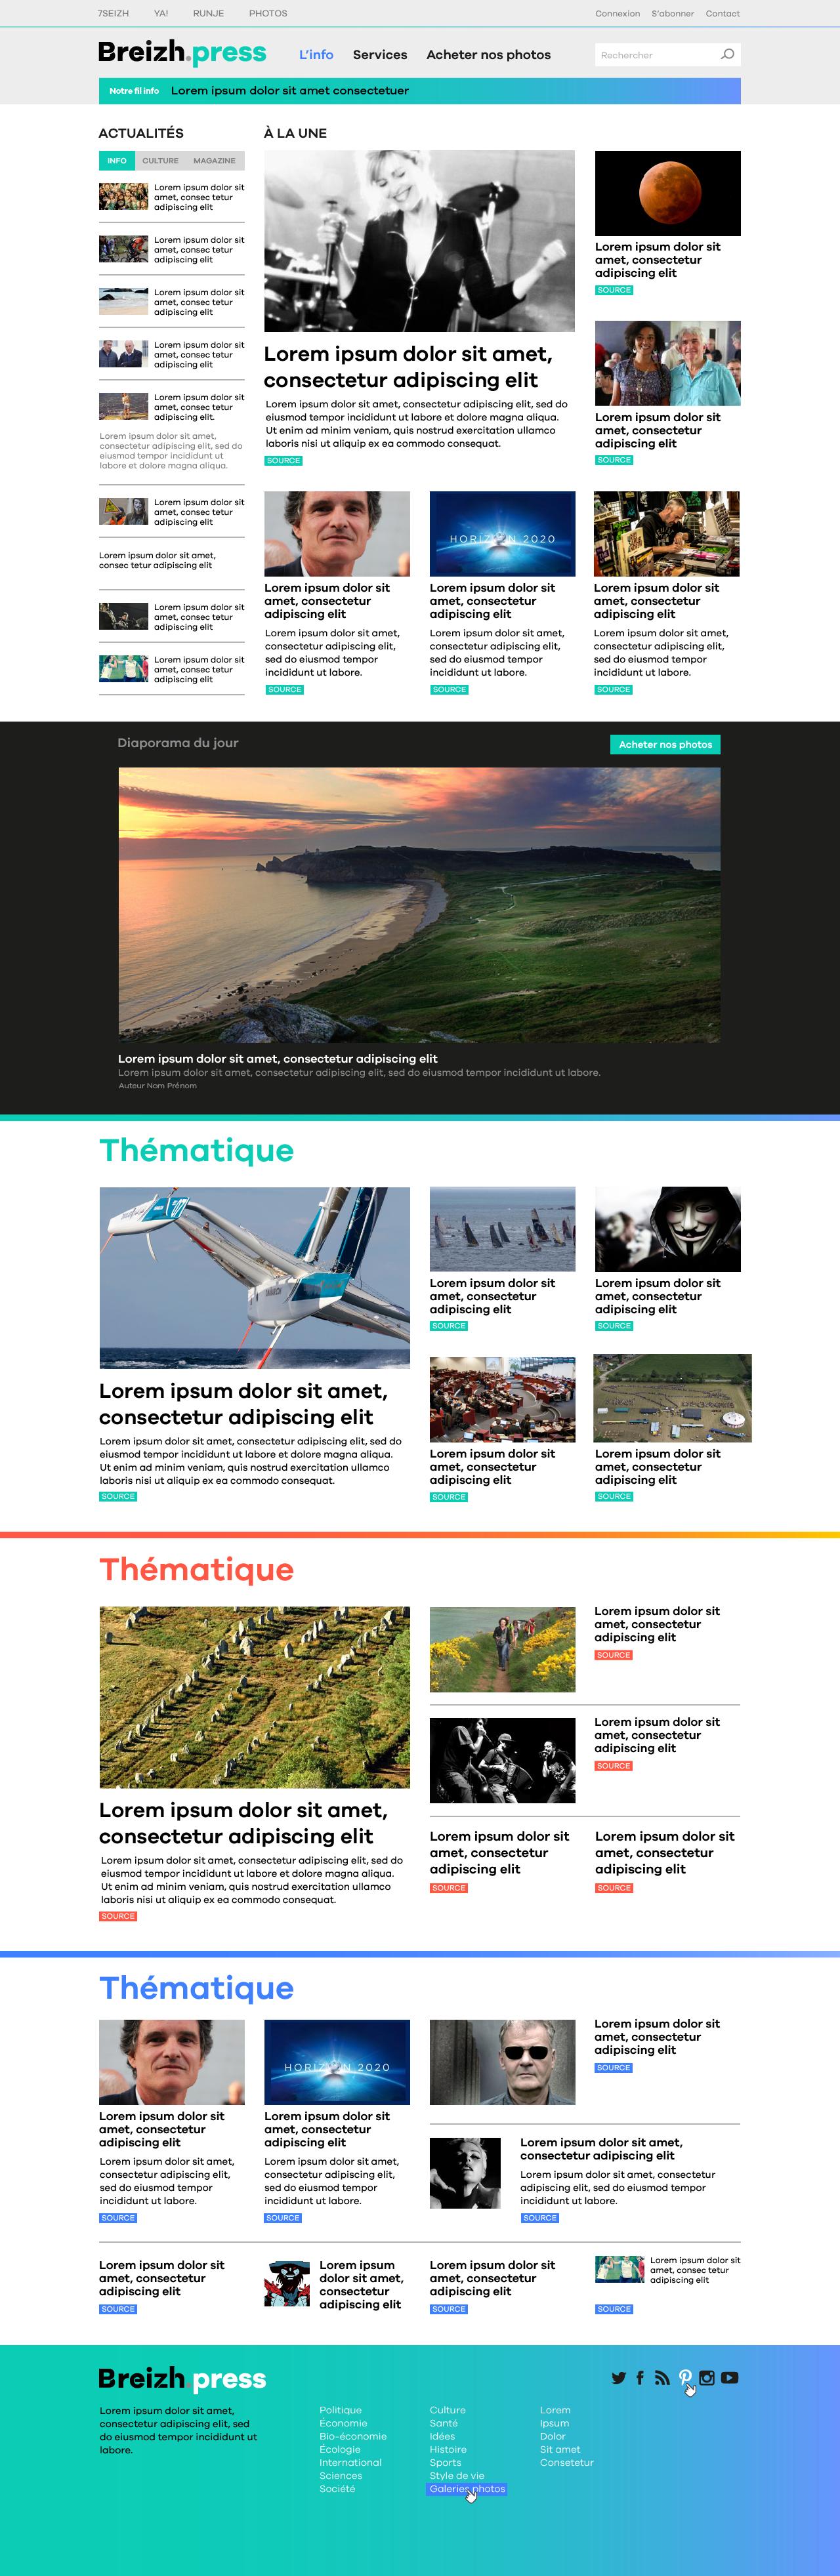 BreizhPress-site-01-accueil-1